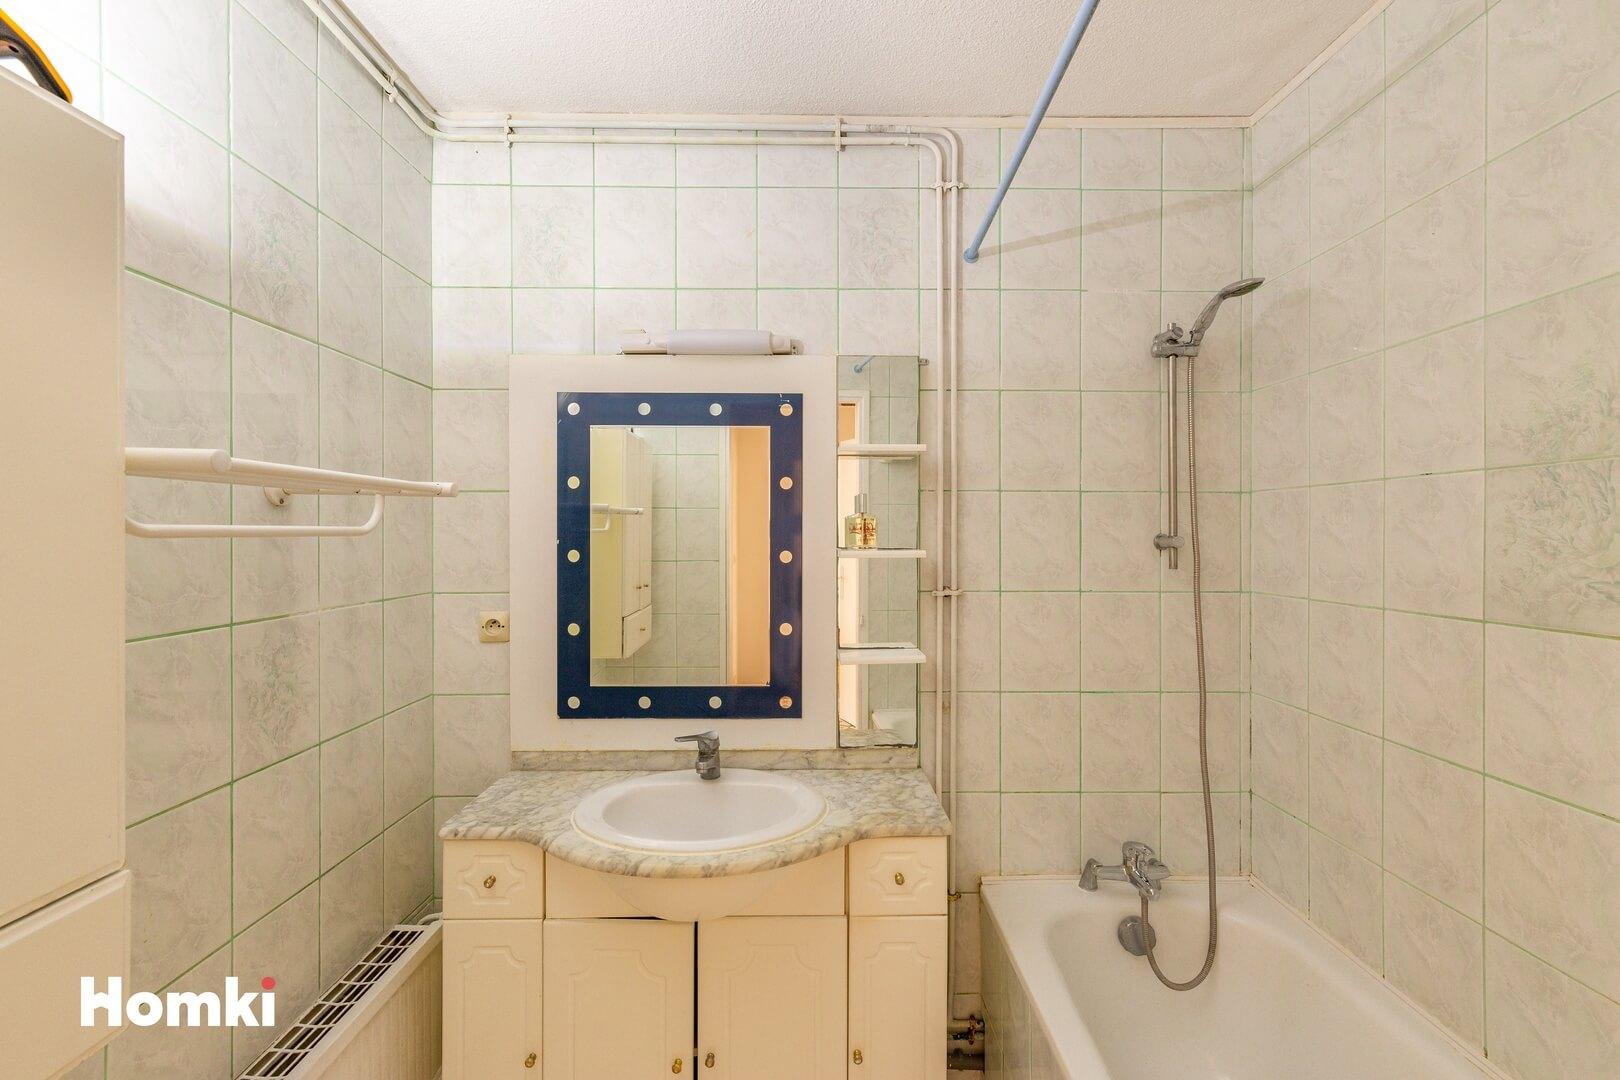 Homki - Vente appartement  de 82.0 m² à Toulon 83100